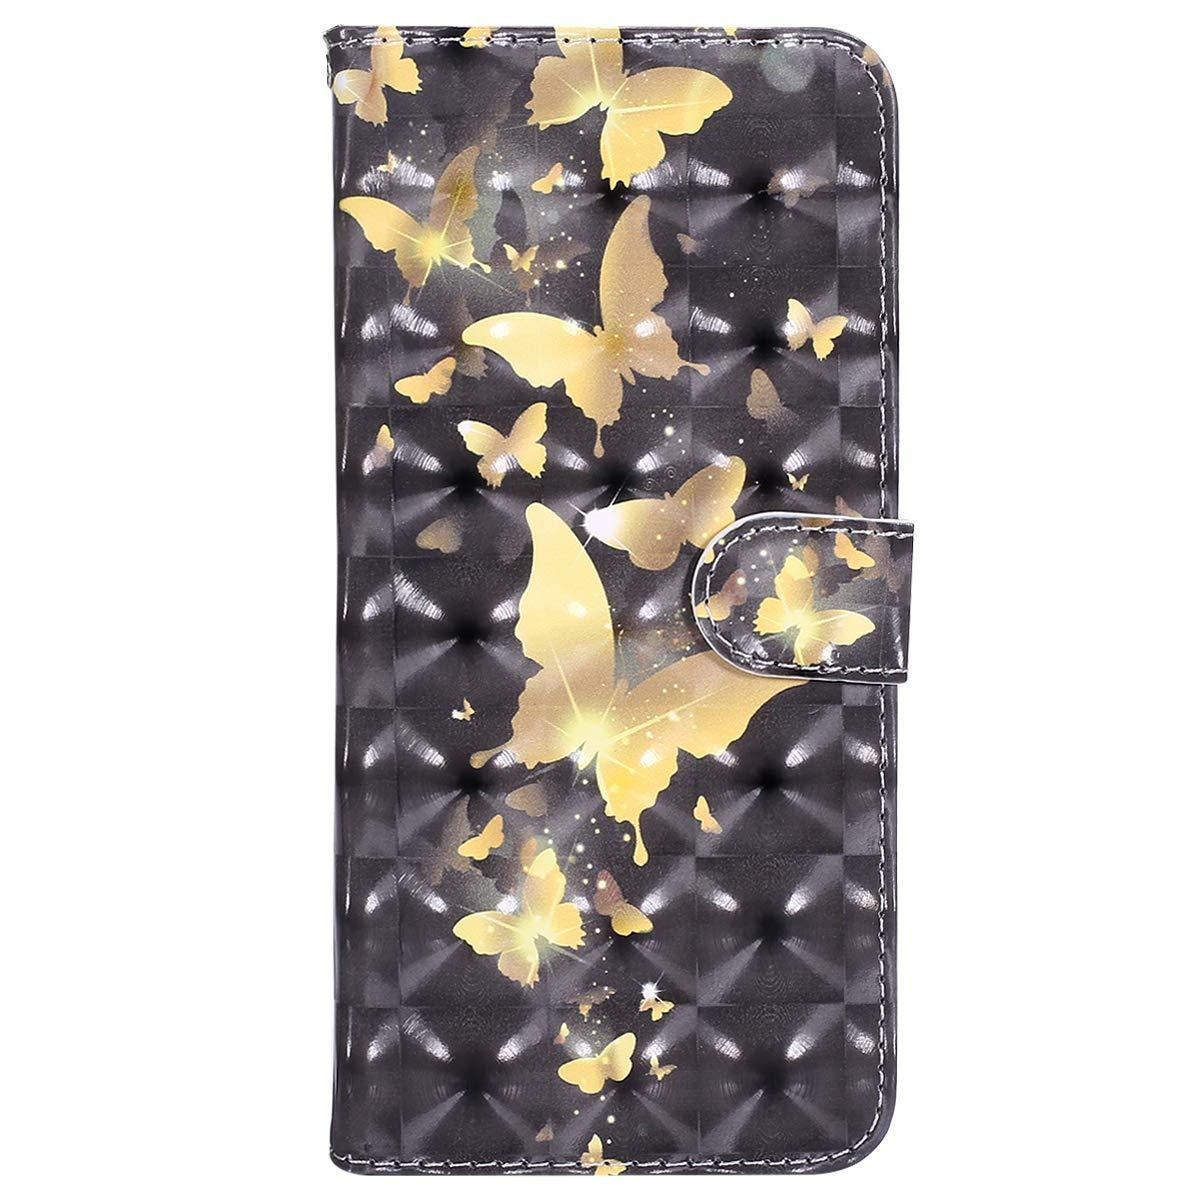 Coque Samsung Galaxy J3/J3 2016, Ysimee Housse Étui à Rabat pour Galaxy J3/J3 2016 Fermeture Magnétique Portefeuille en Cuir 3d avec Porte Carte Fonction Support Téléphone Couverture,Fleur en Dentelle